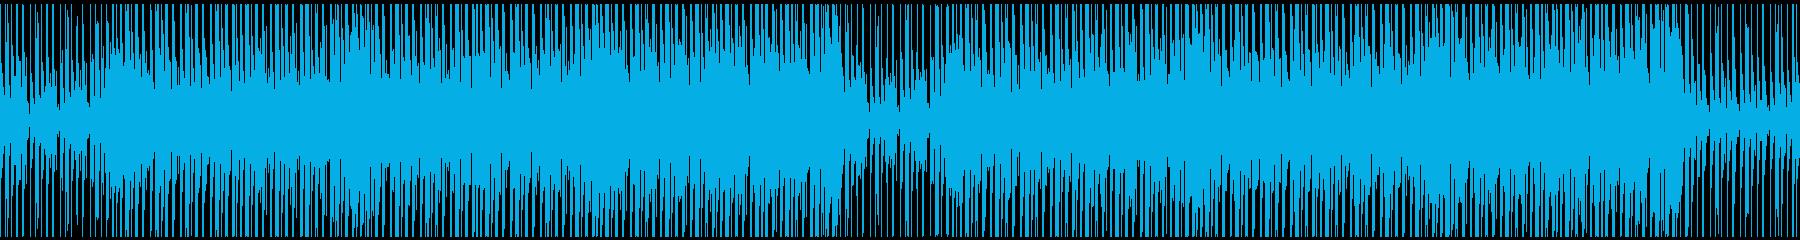 【ループ対応】シンプルなトロピカルハウスの再生済みの波形